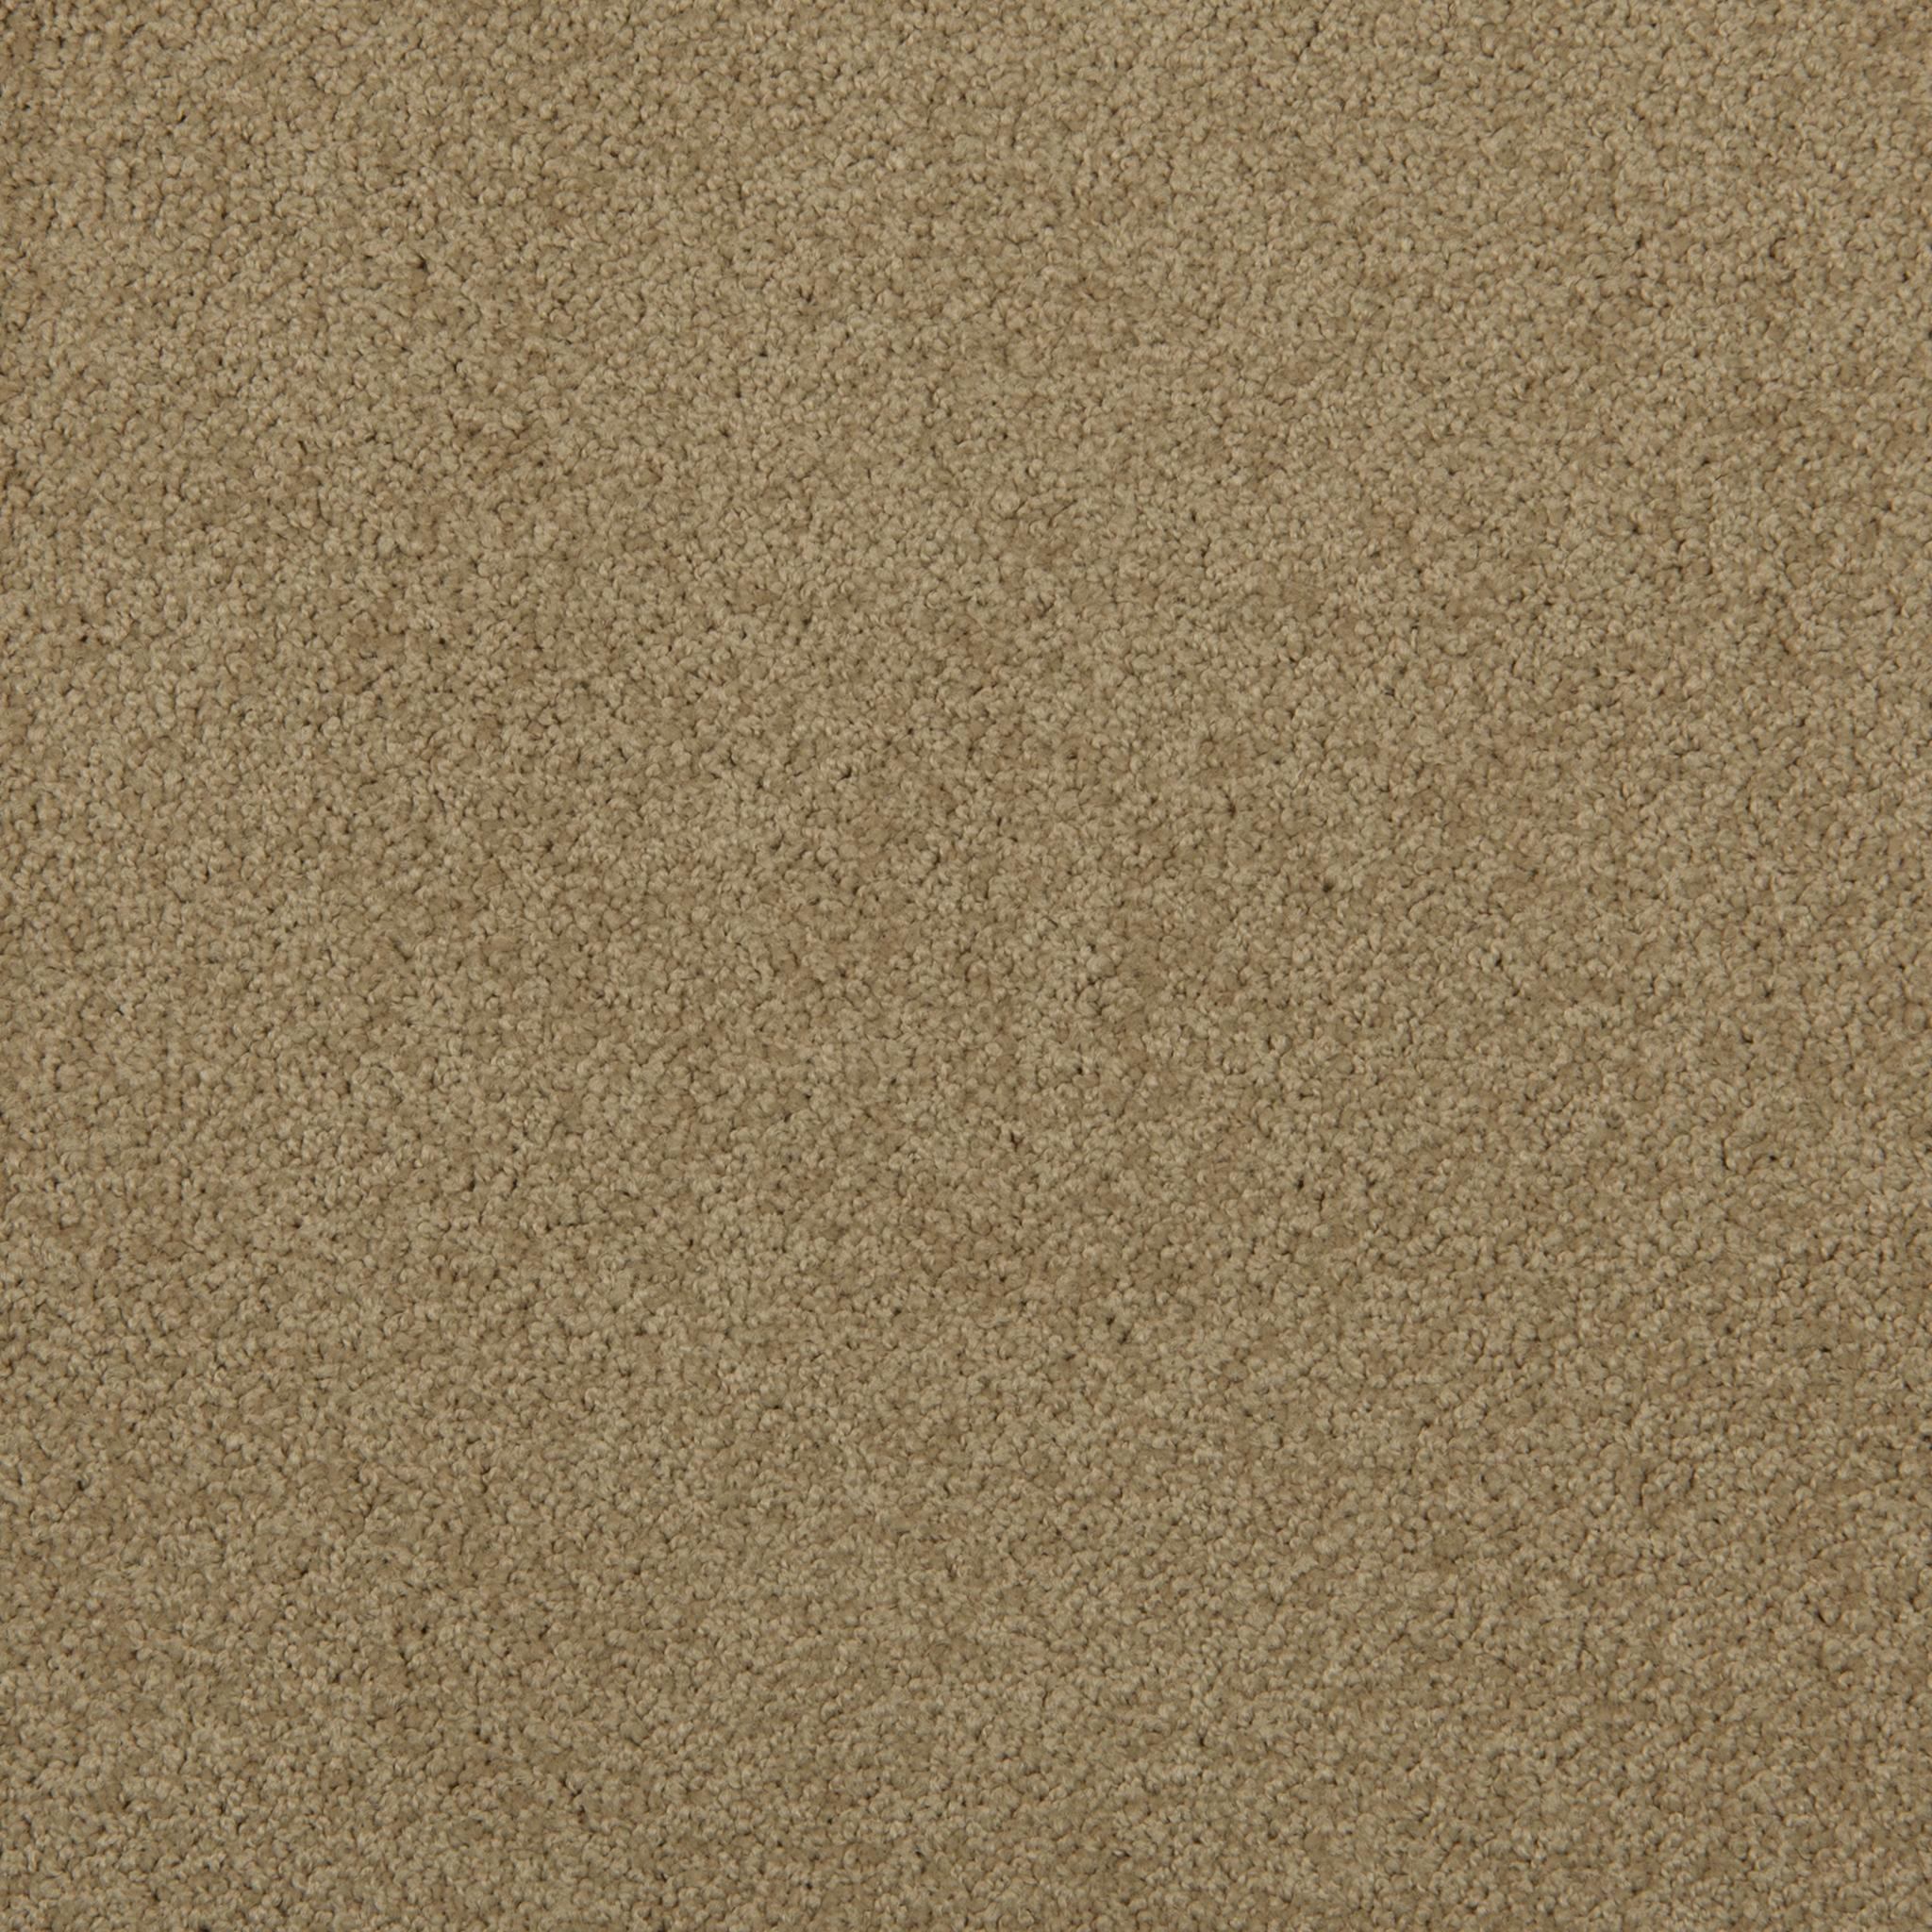 Veranda Ef Contract Flooring